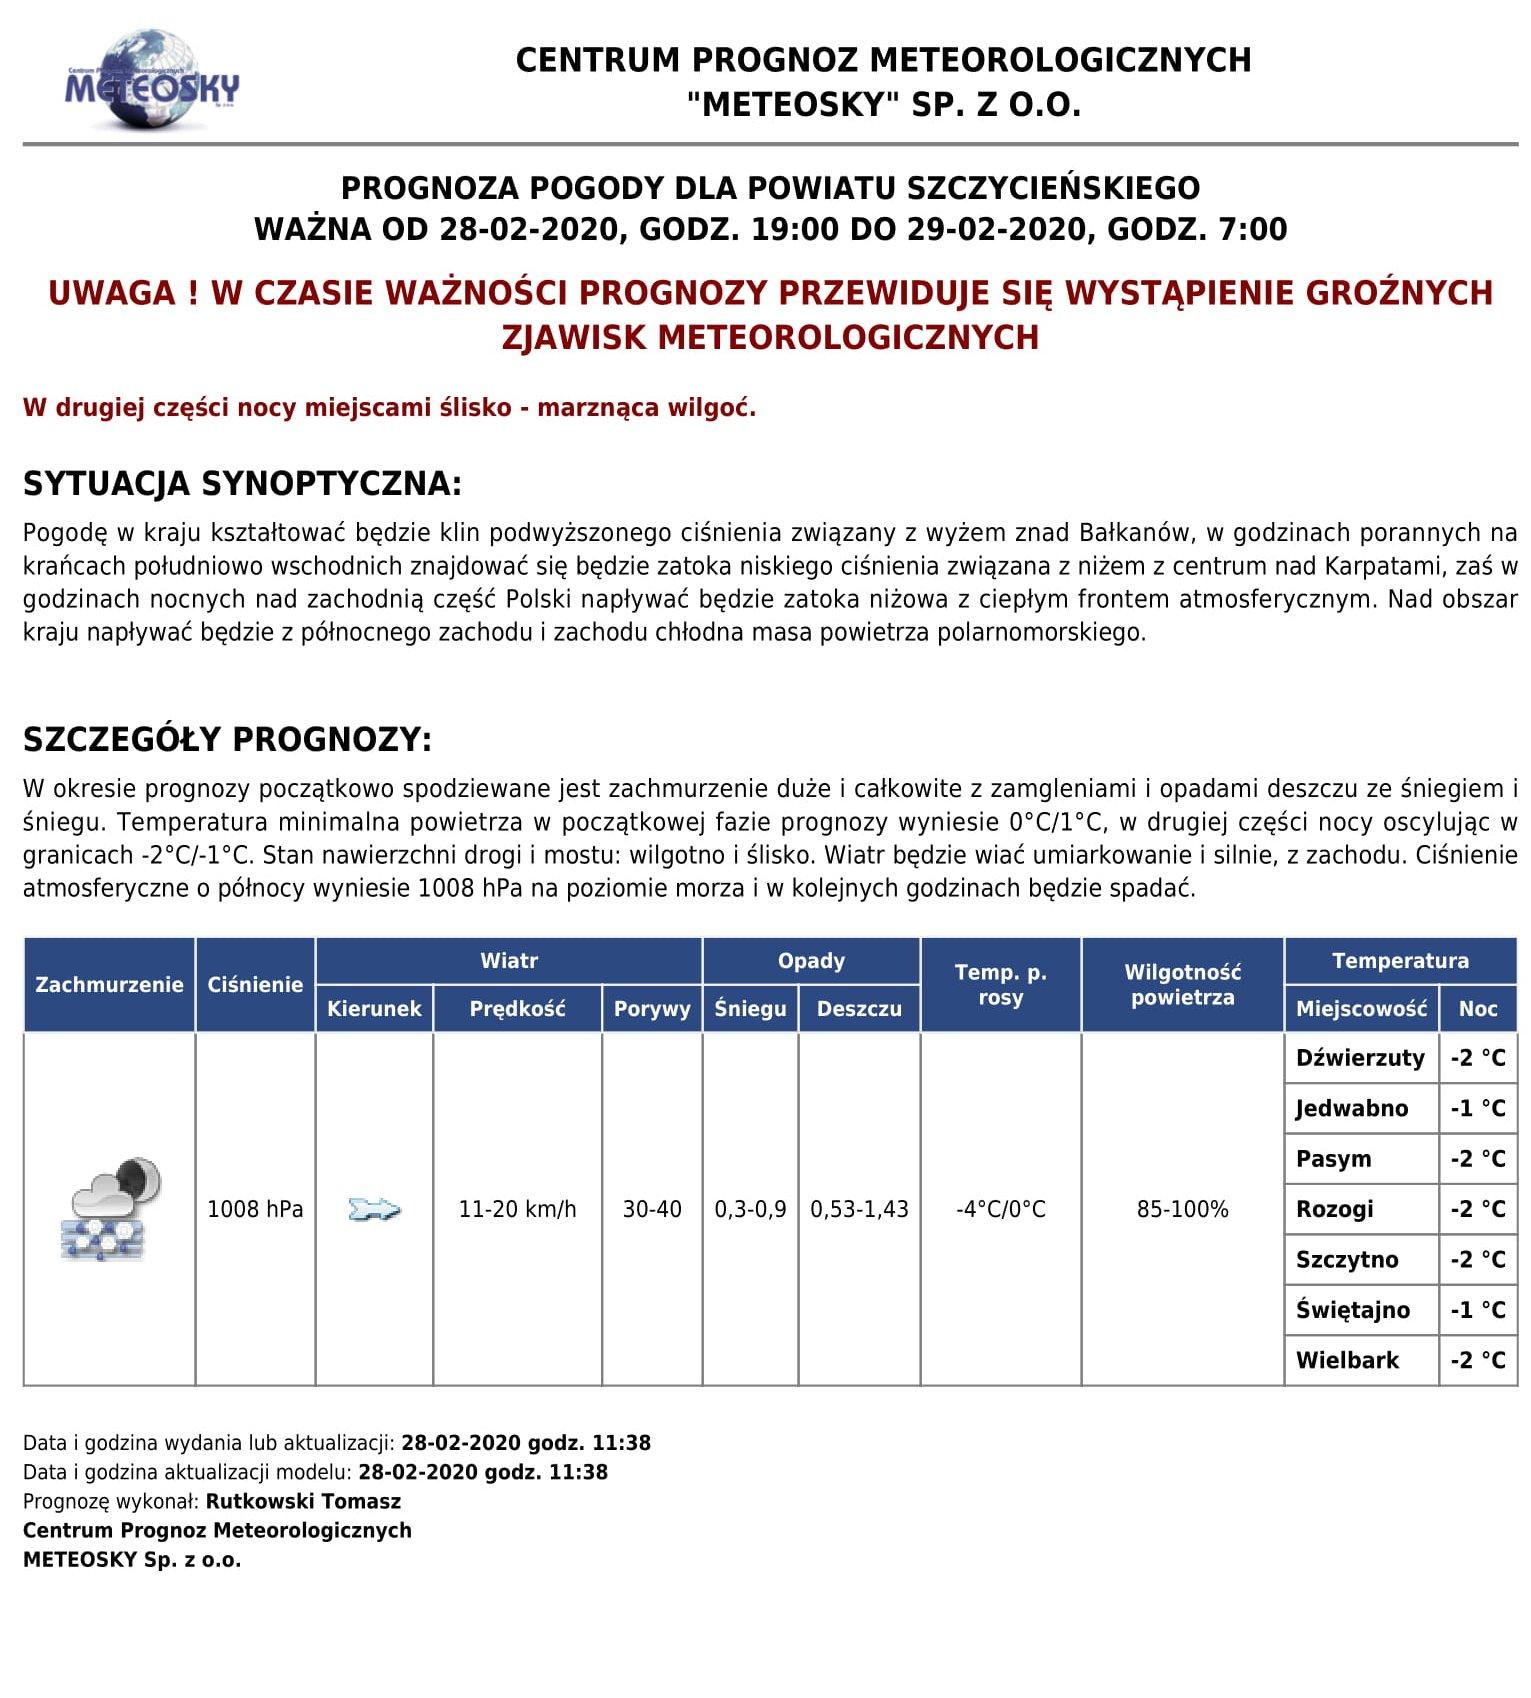 https://m.powiatszczycienski.pl/2020/02/orig/1-28223.jpg